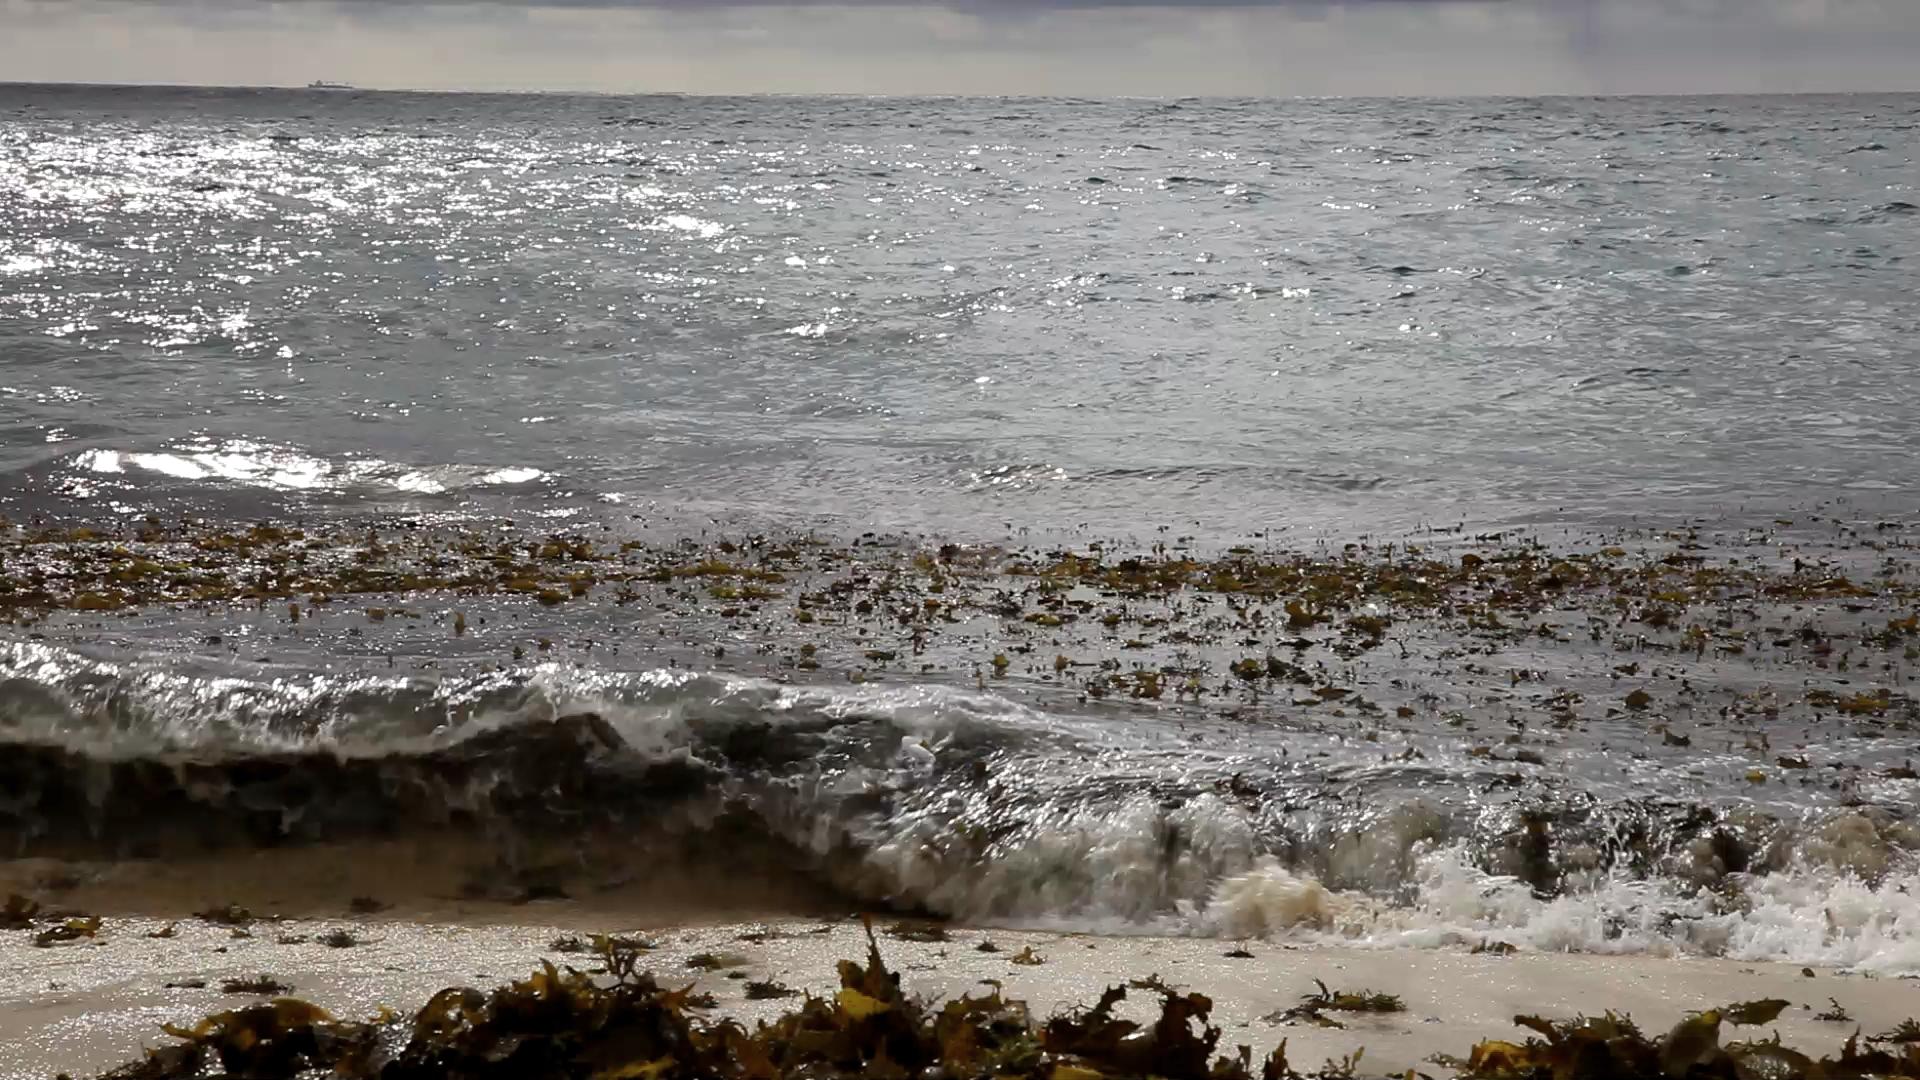 Still from Ocean video projection